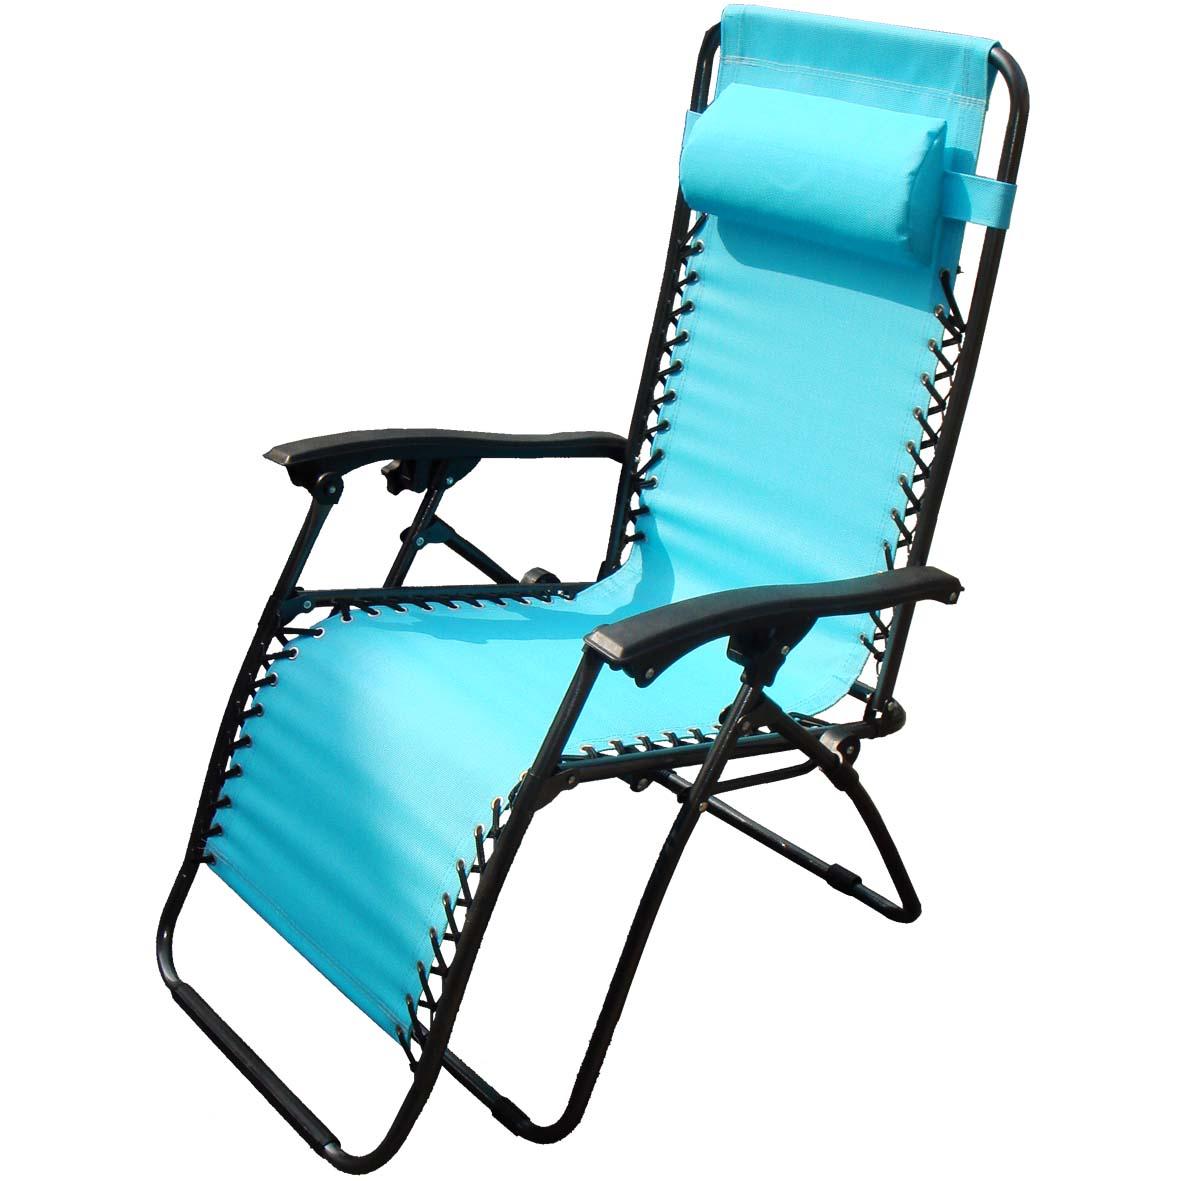 New Zero Gravity Garden Reclining Recliner Relaxer Lounger Lounge Chair Campi